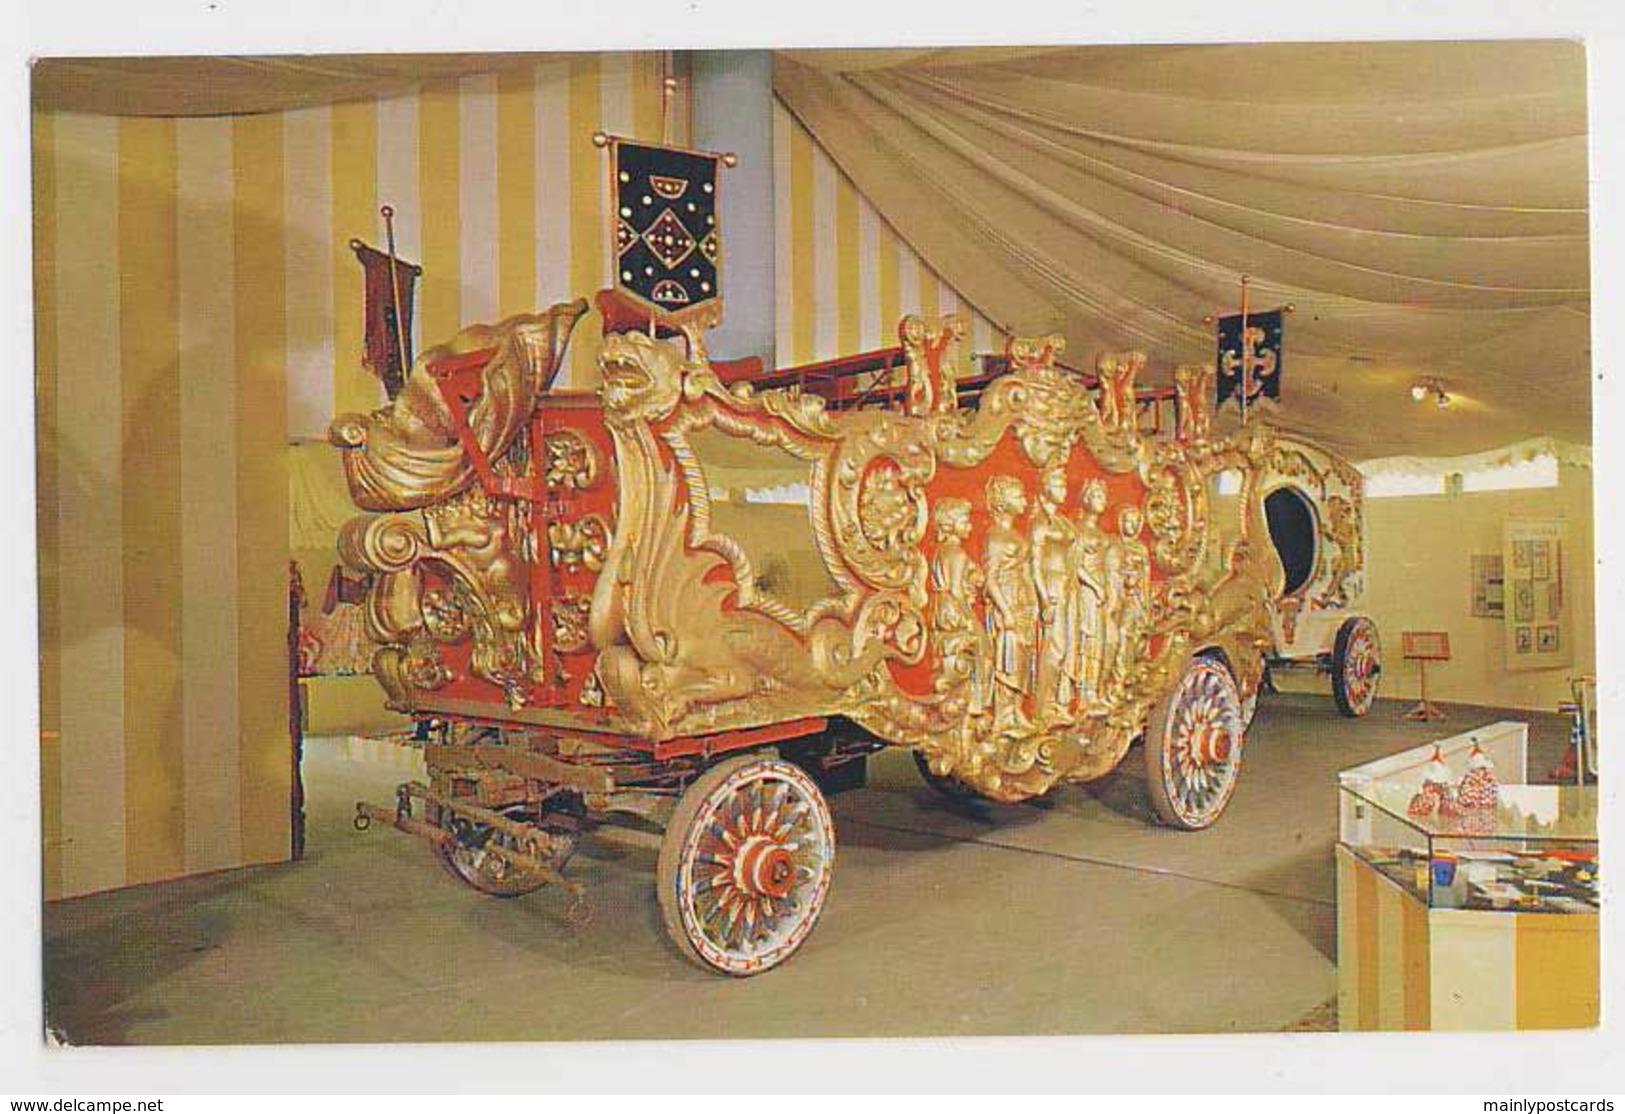 AI43 Ringling Museum Of The Circus, Sarasota, Florida - Sarasota